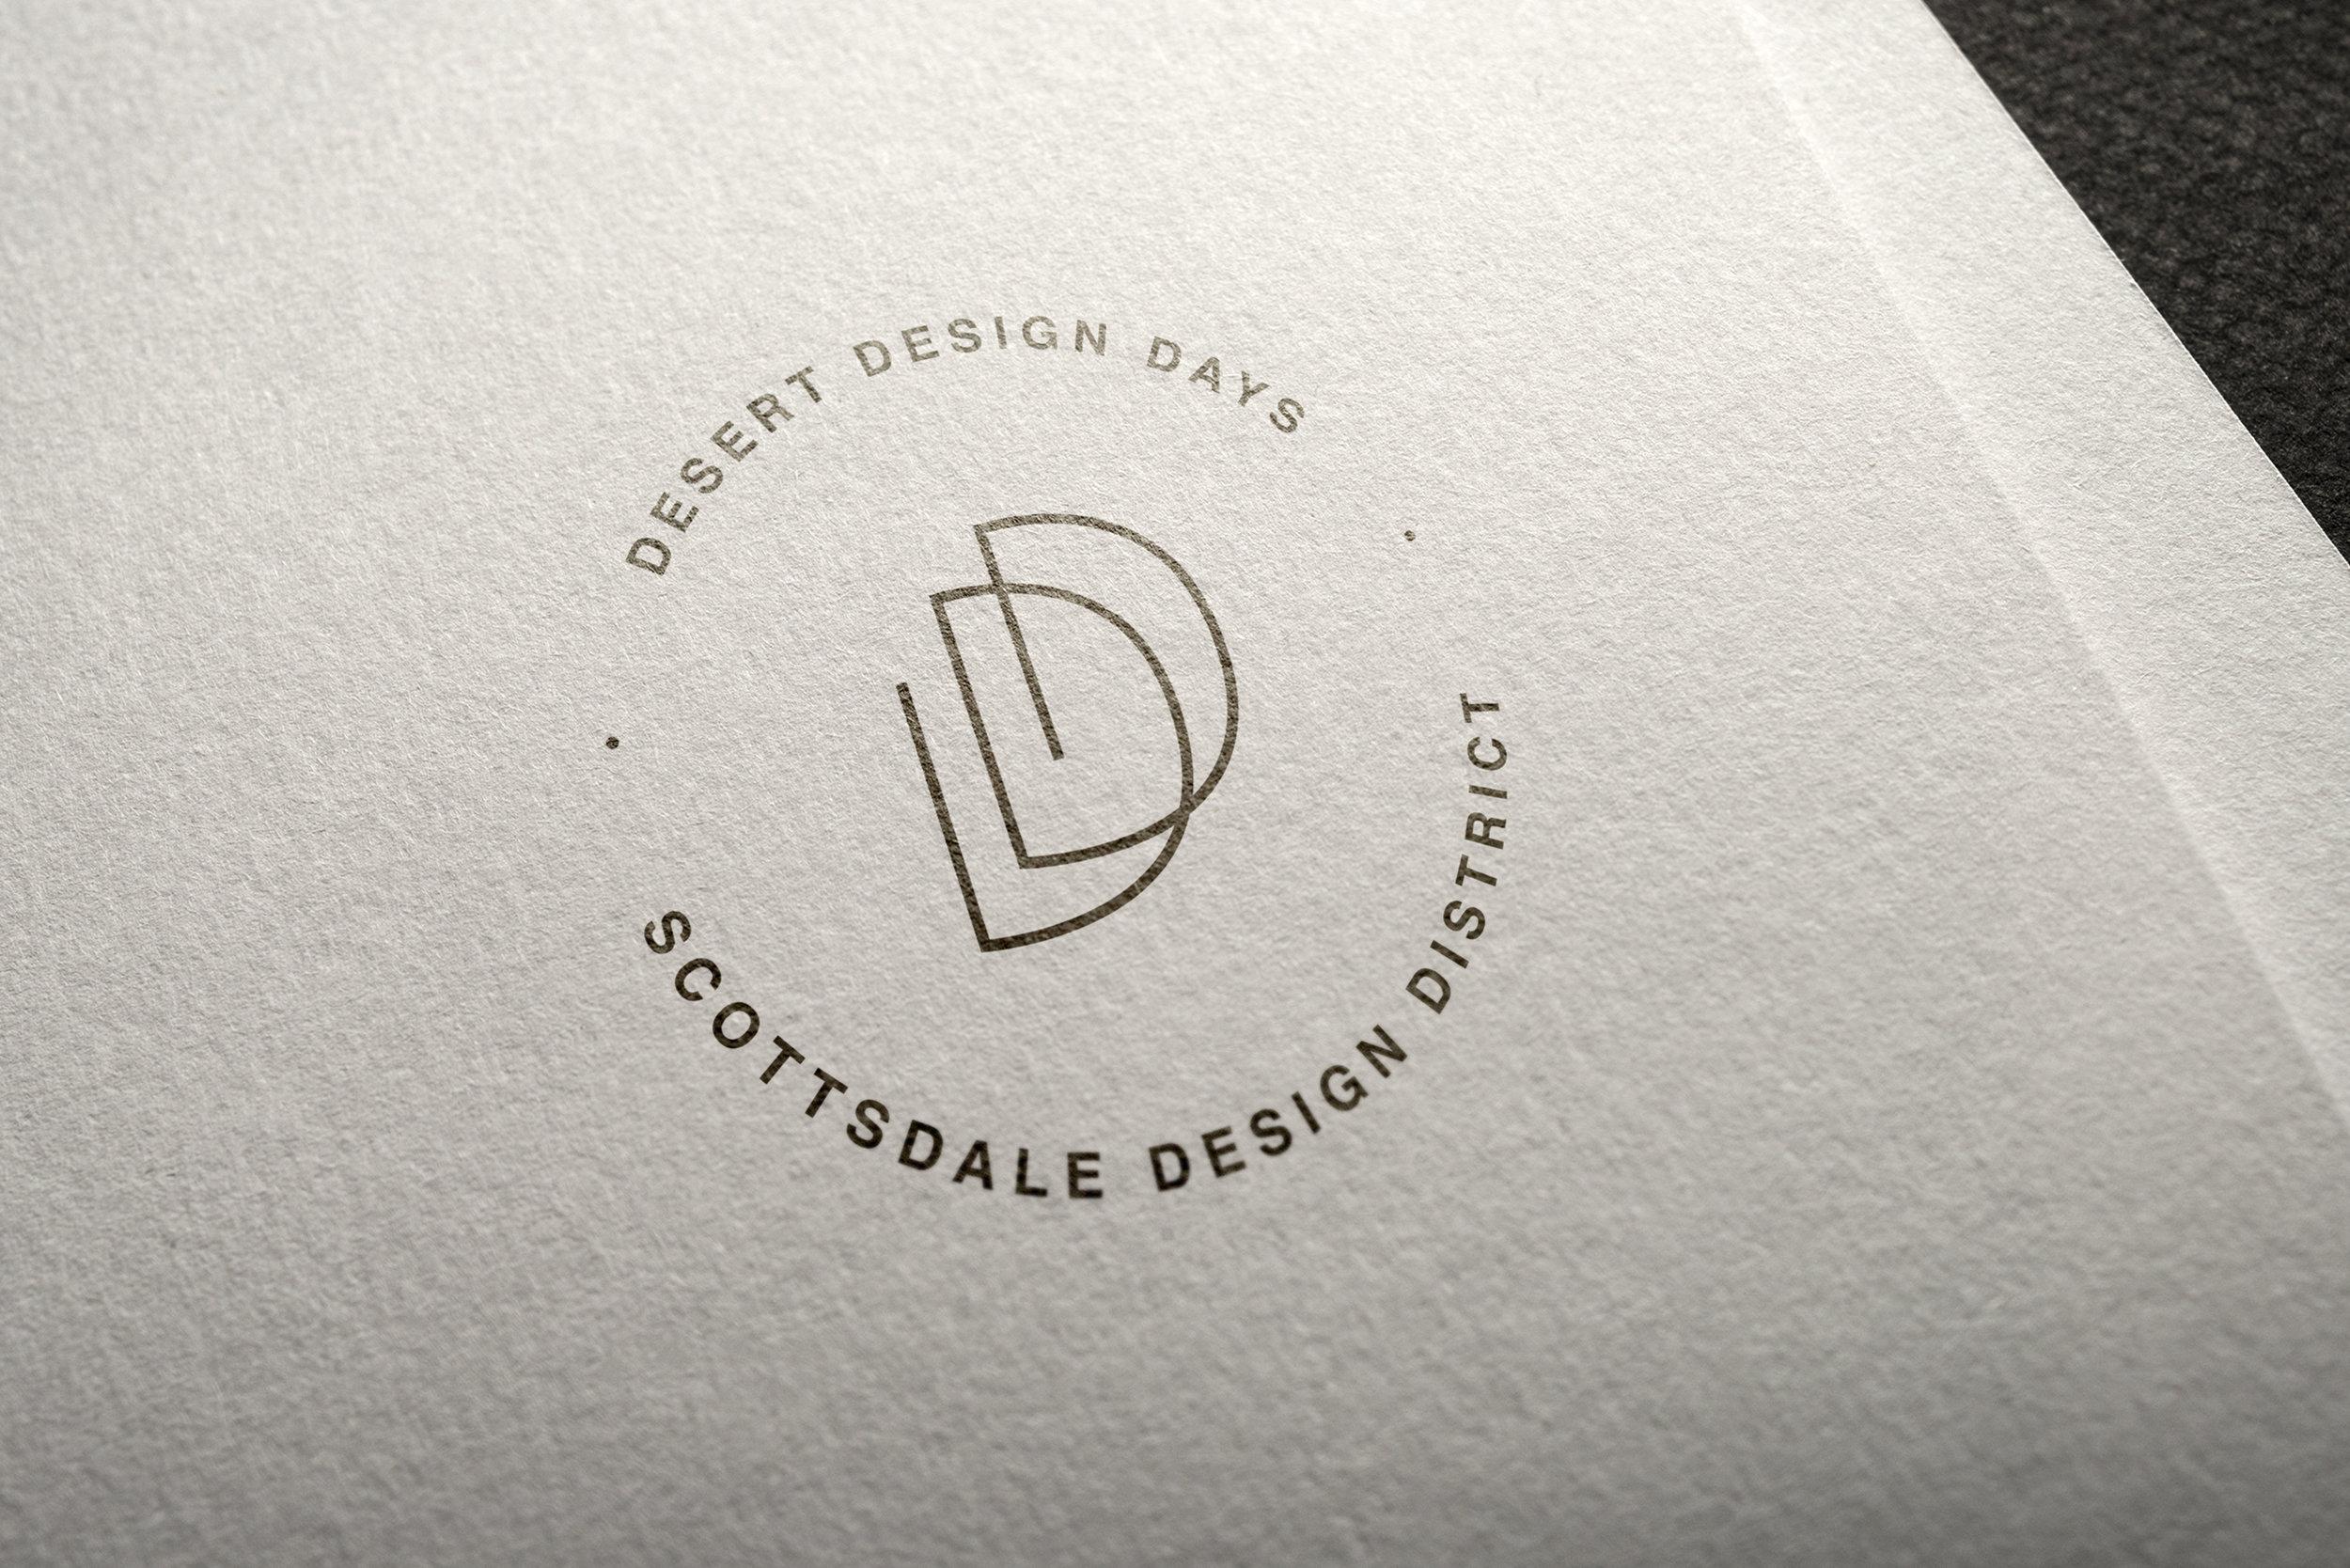 desert-design-days-logo-stationary.jpg